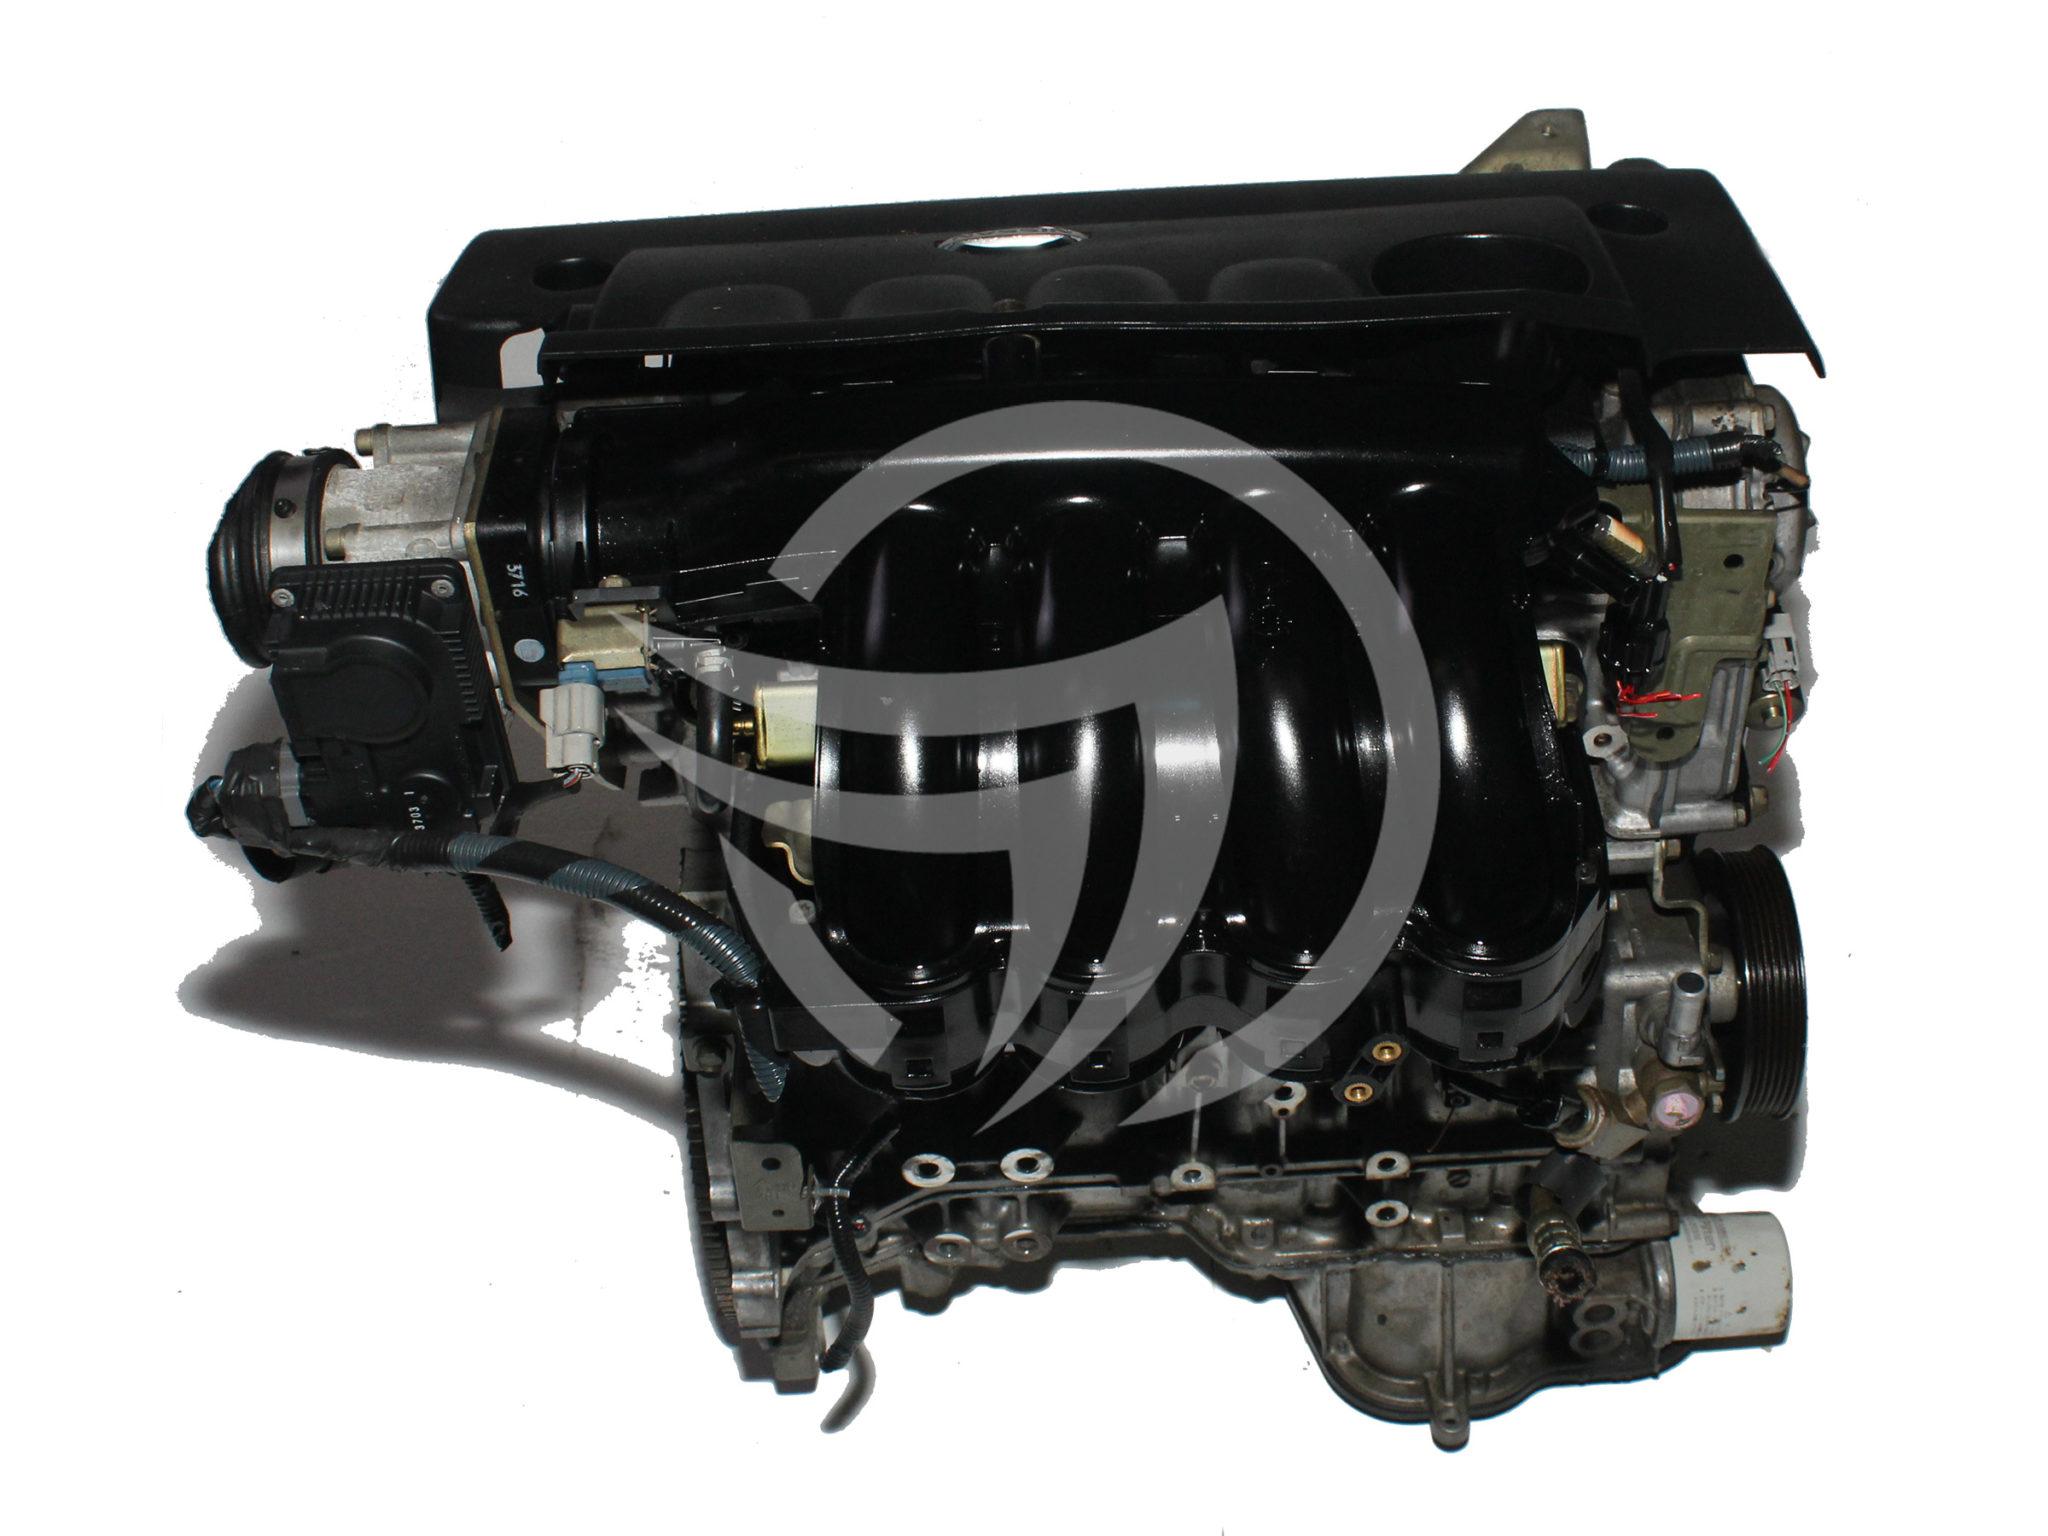 02-05 Nissan Sentra Spec V 2 5l Twin Cam 4 Cylinder Engine JDM QR25DE Free  Shipping